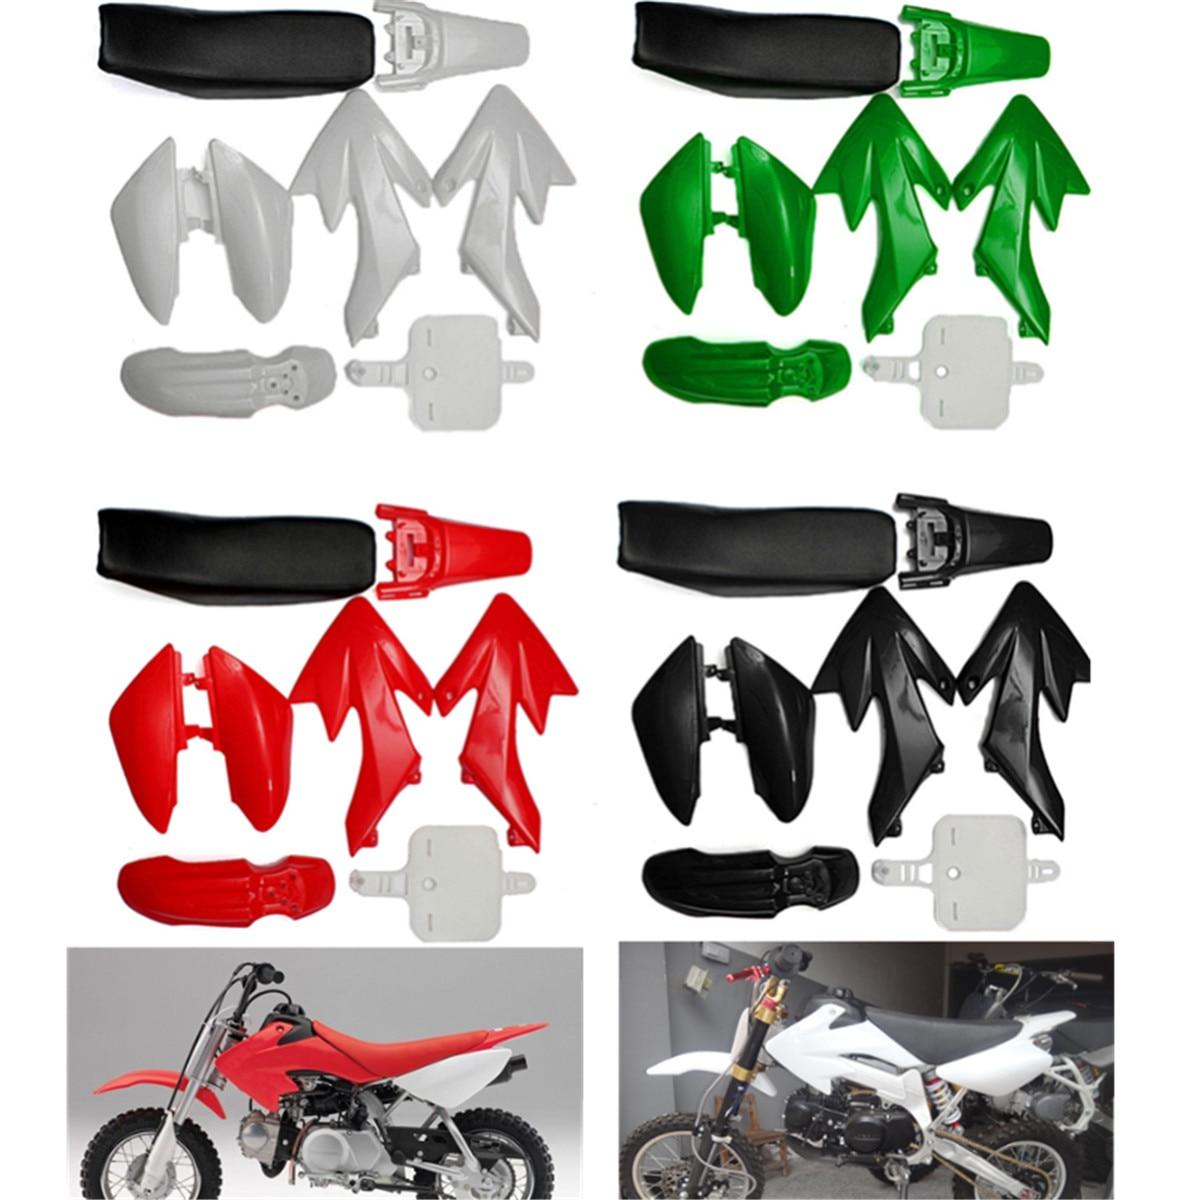 Комплект пластиковых 4-тактных брызговиков для питбайка CRF50, 4 цвета, 50 куб. См, 110 куб. См, 125 куб. См, 140 куб. См, запчасти для мотоциклетных аксес...